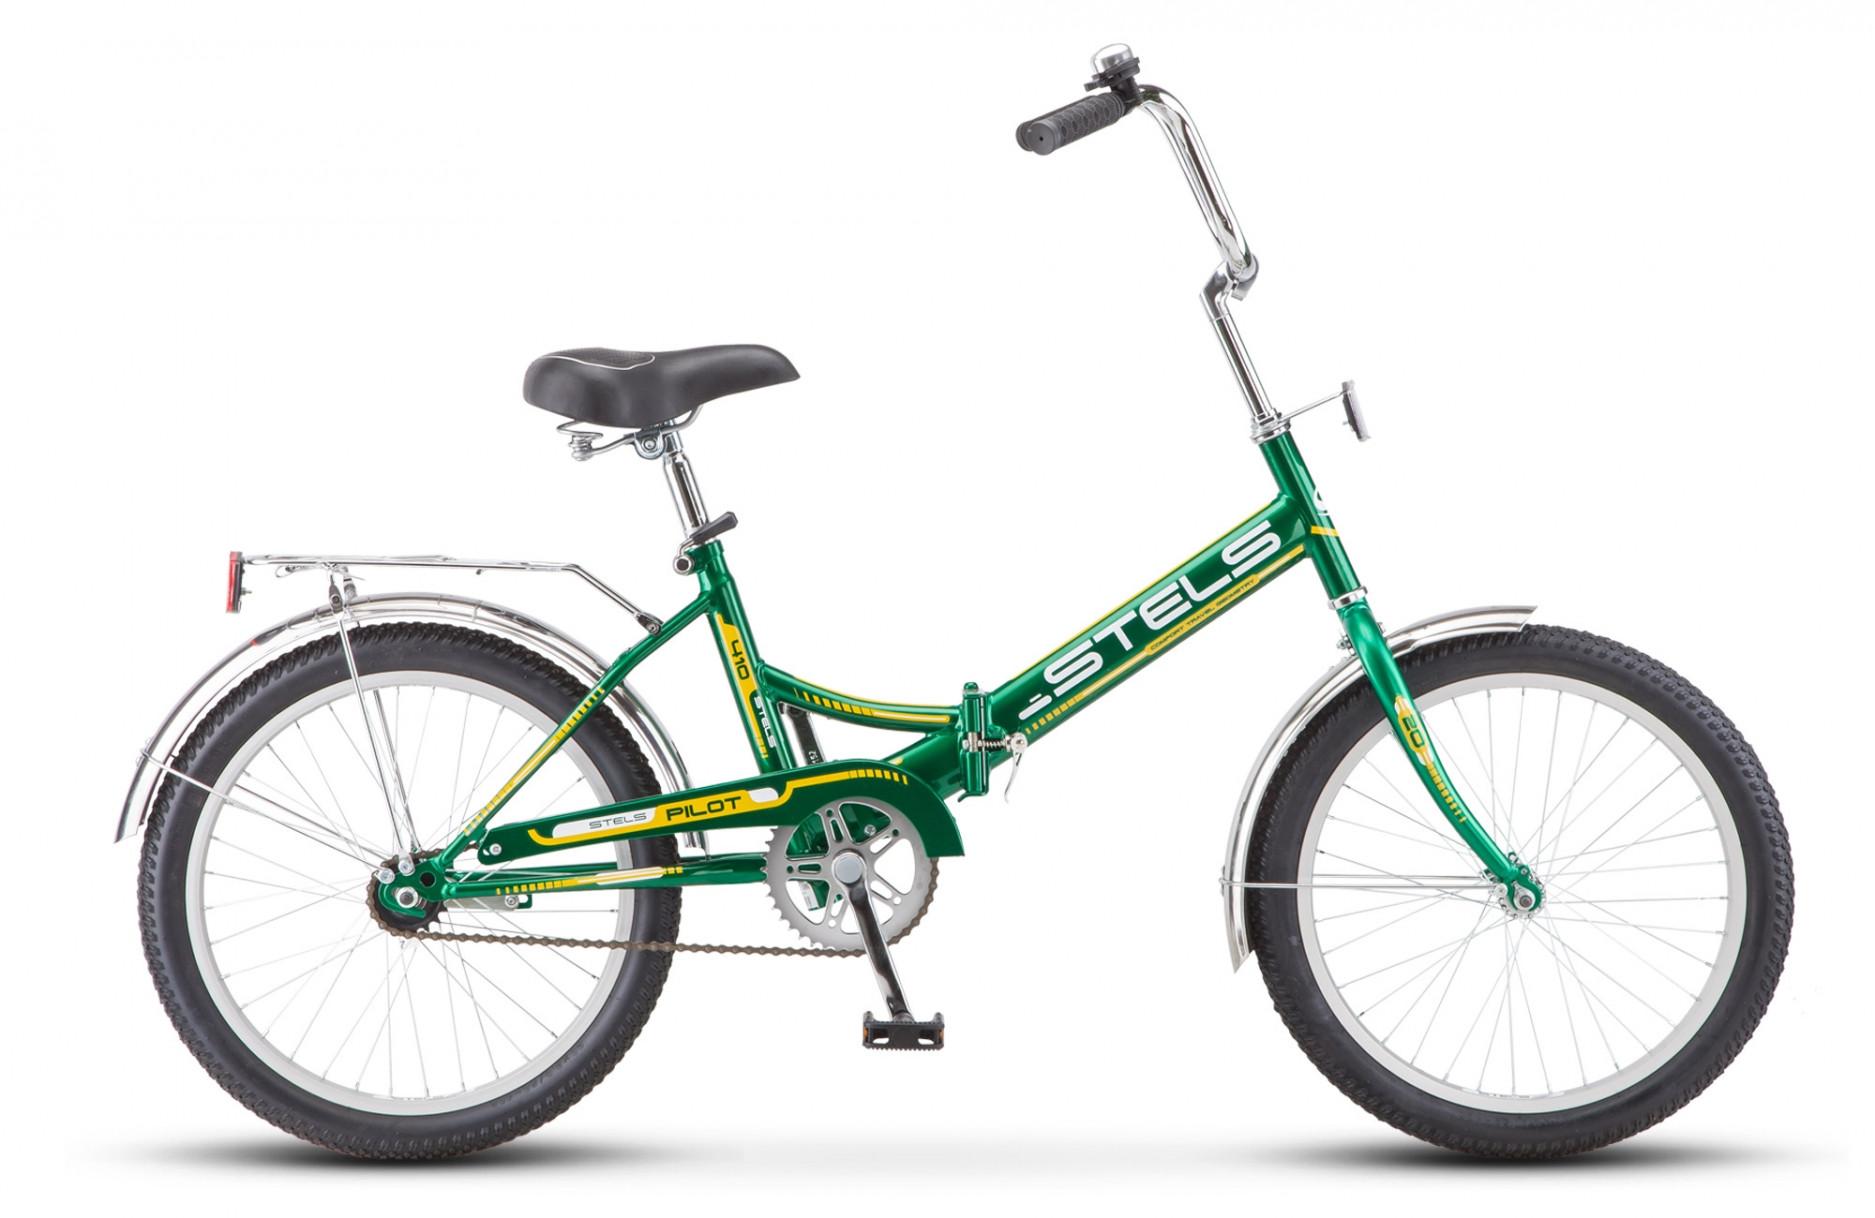 Складной велосипед Stels Pilot-410 2018 Z011 зеленый/желтый